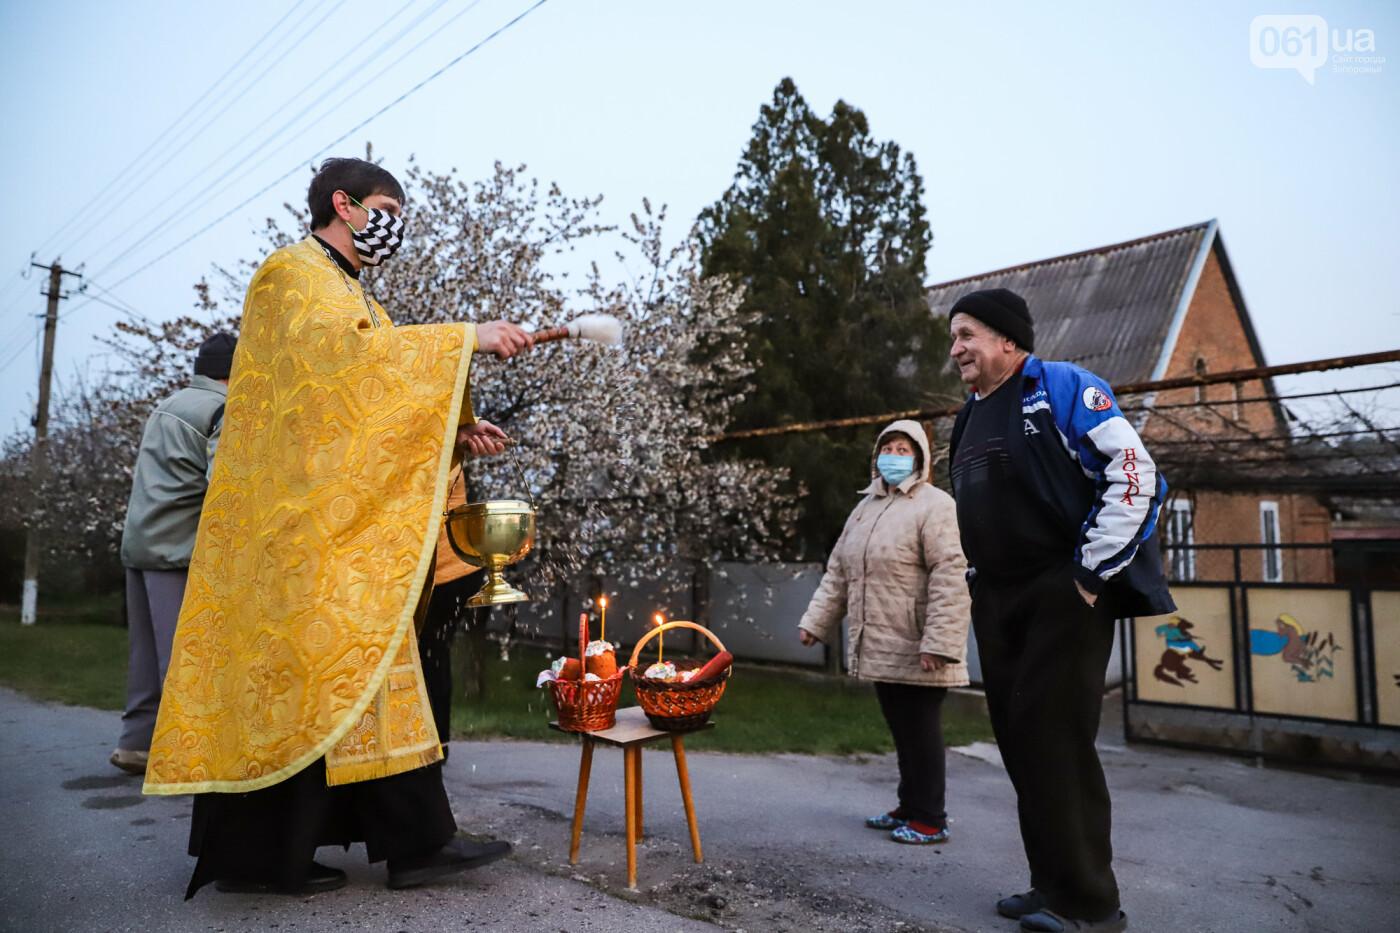 Освящение пасок у дворов на сельских улицах и полицейские возле храмов вместо прихожан: как празднуют Пасху в Запорожье, - ФОТОРЕПОРТАЖ, фото-12